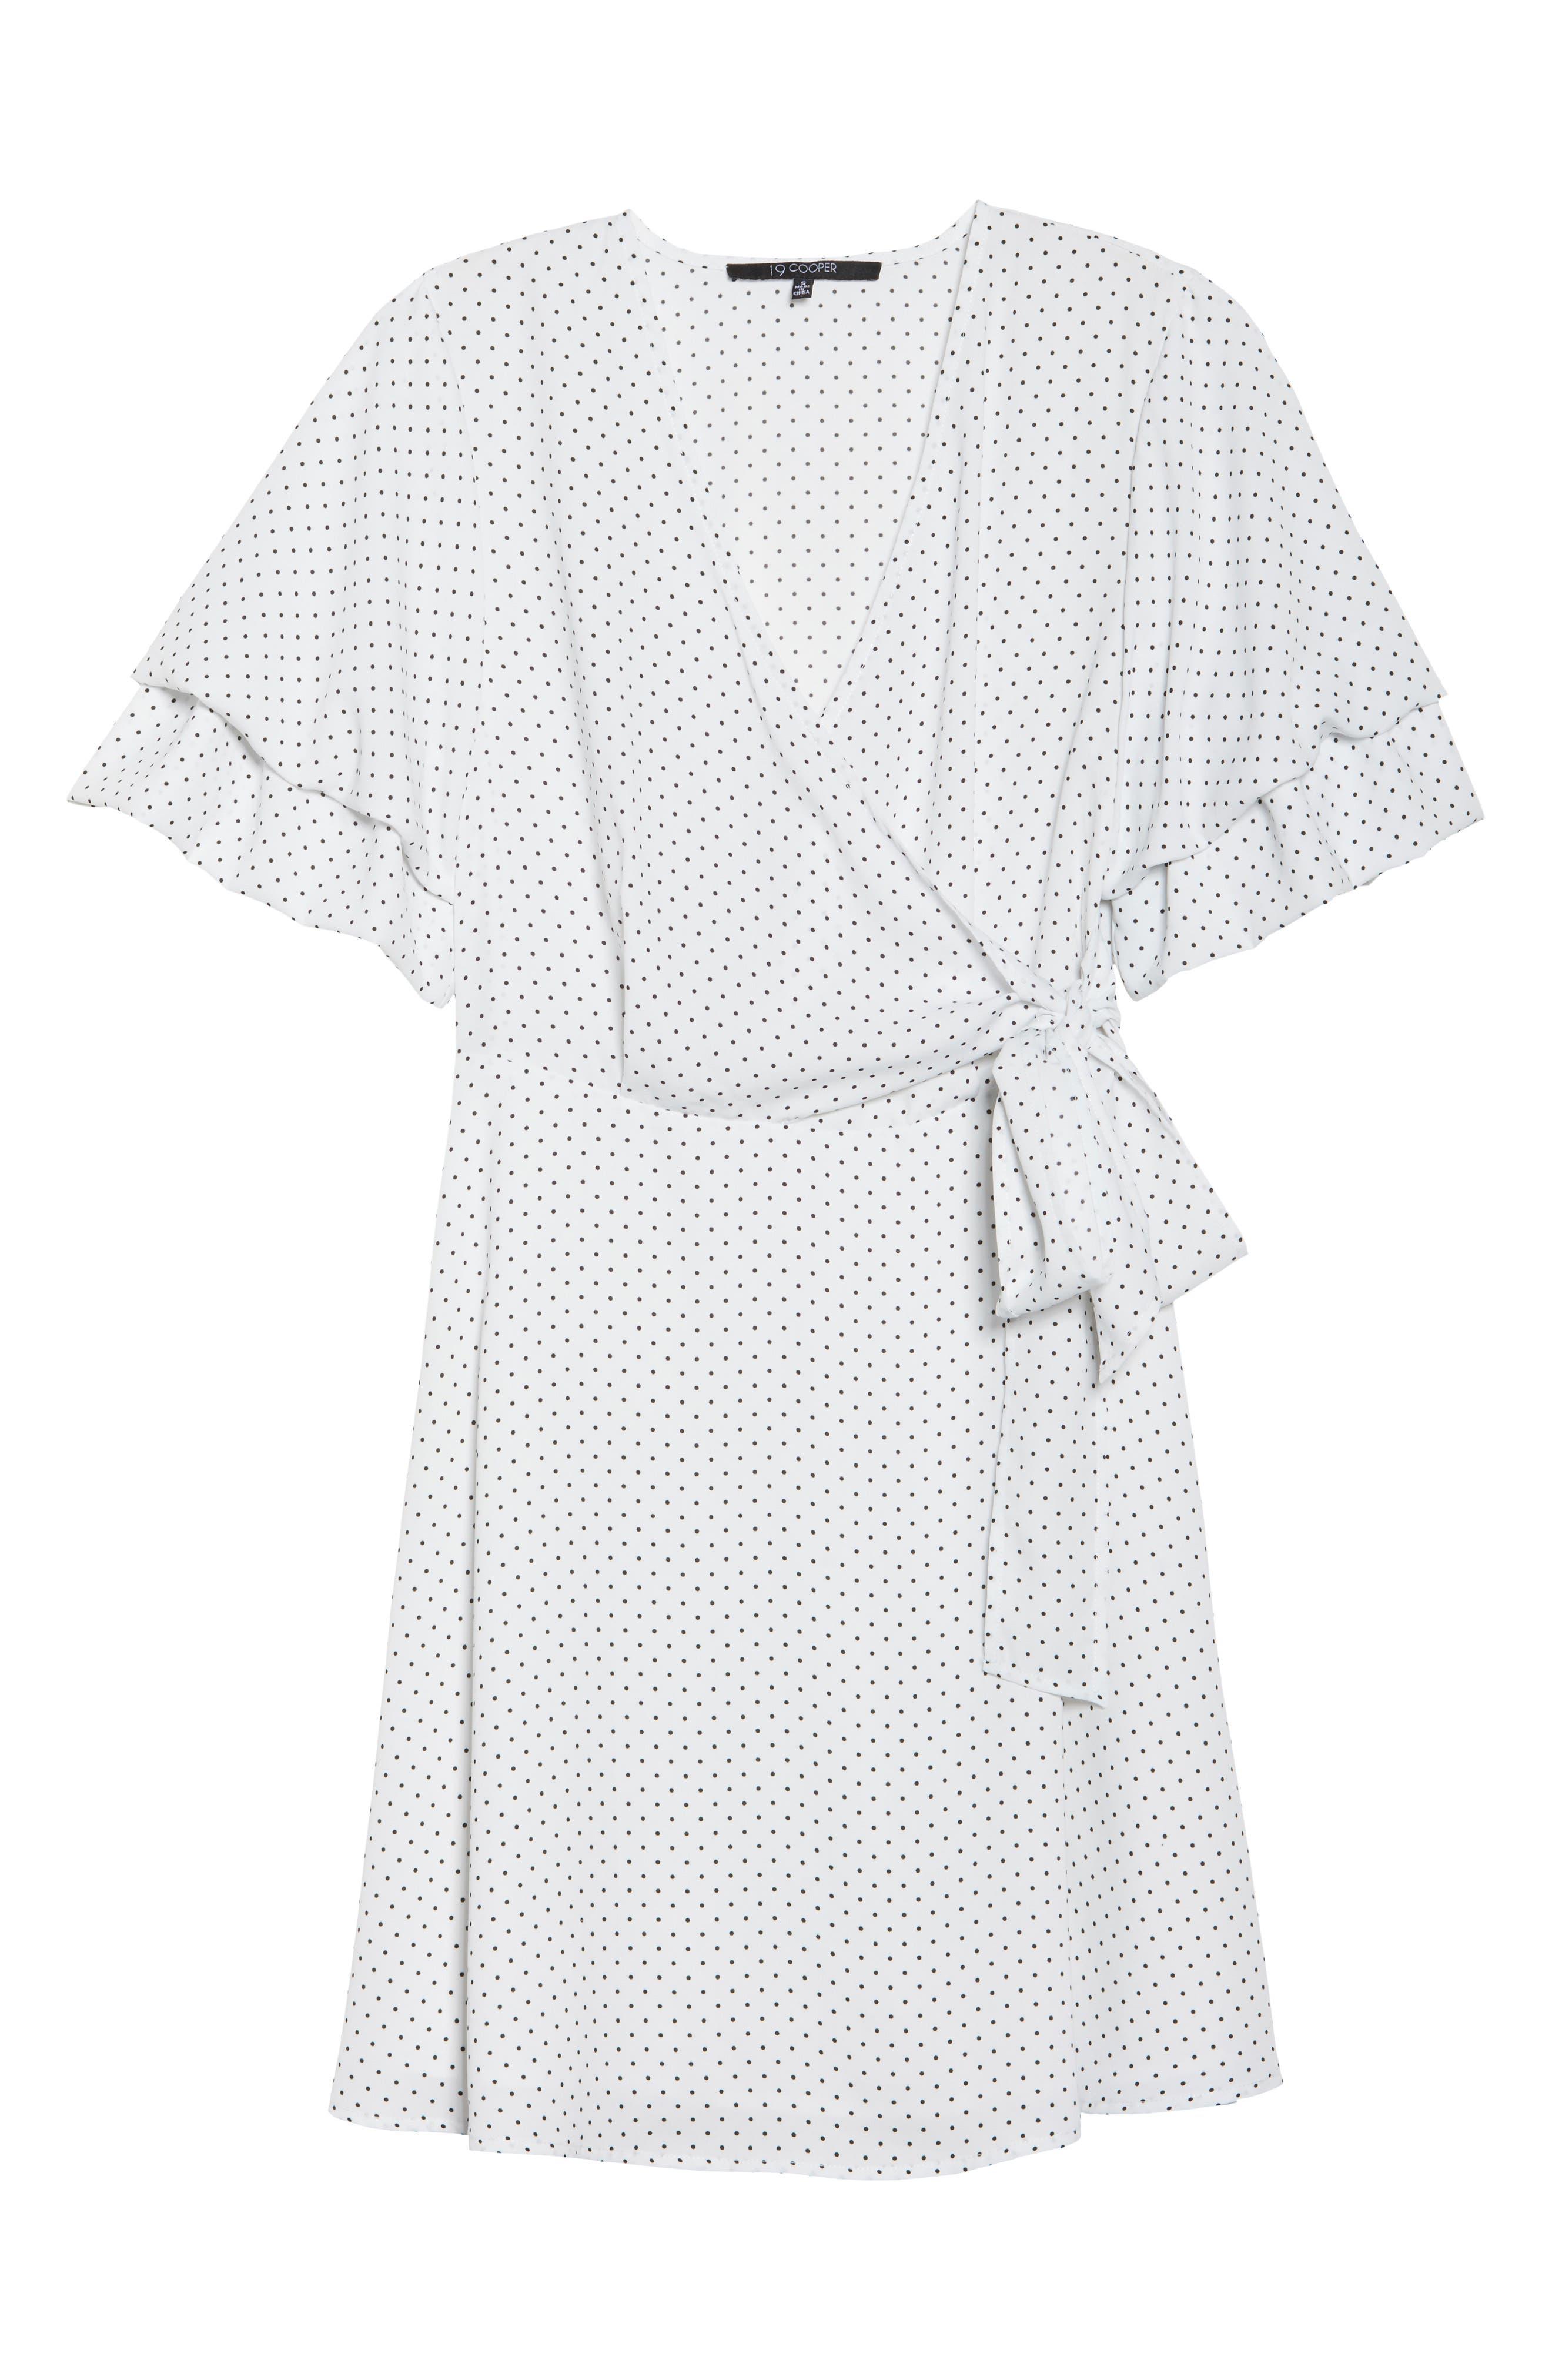 Polka Dot Faux Wrap Dress,                             Alternate thumbnail 6, color,                             White/ Black